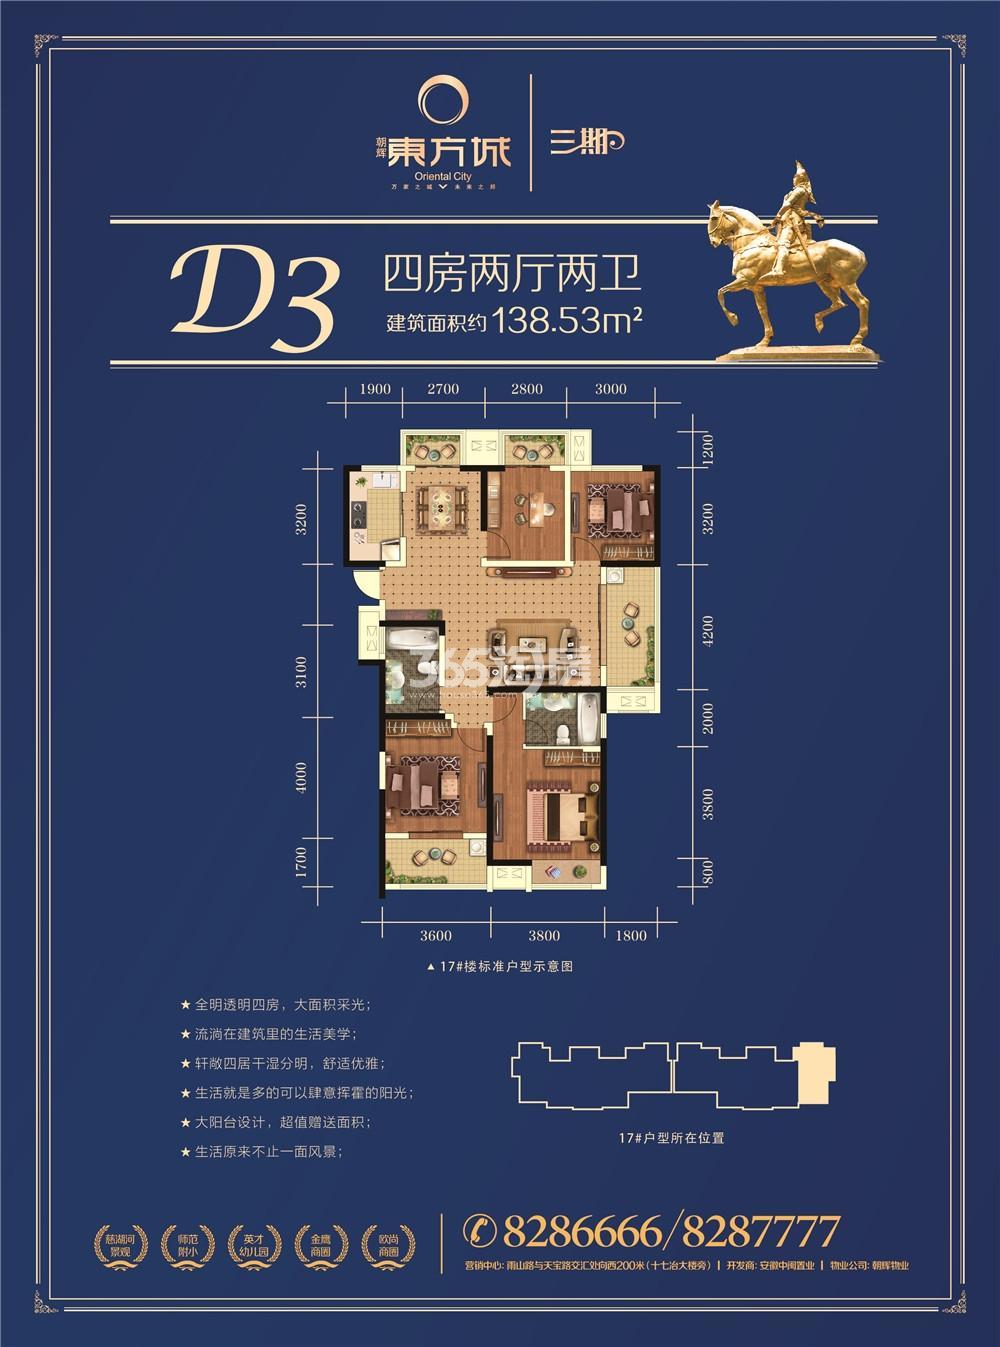 朝辉东方城三期D3户型图